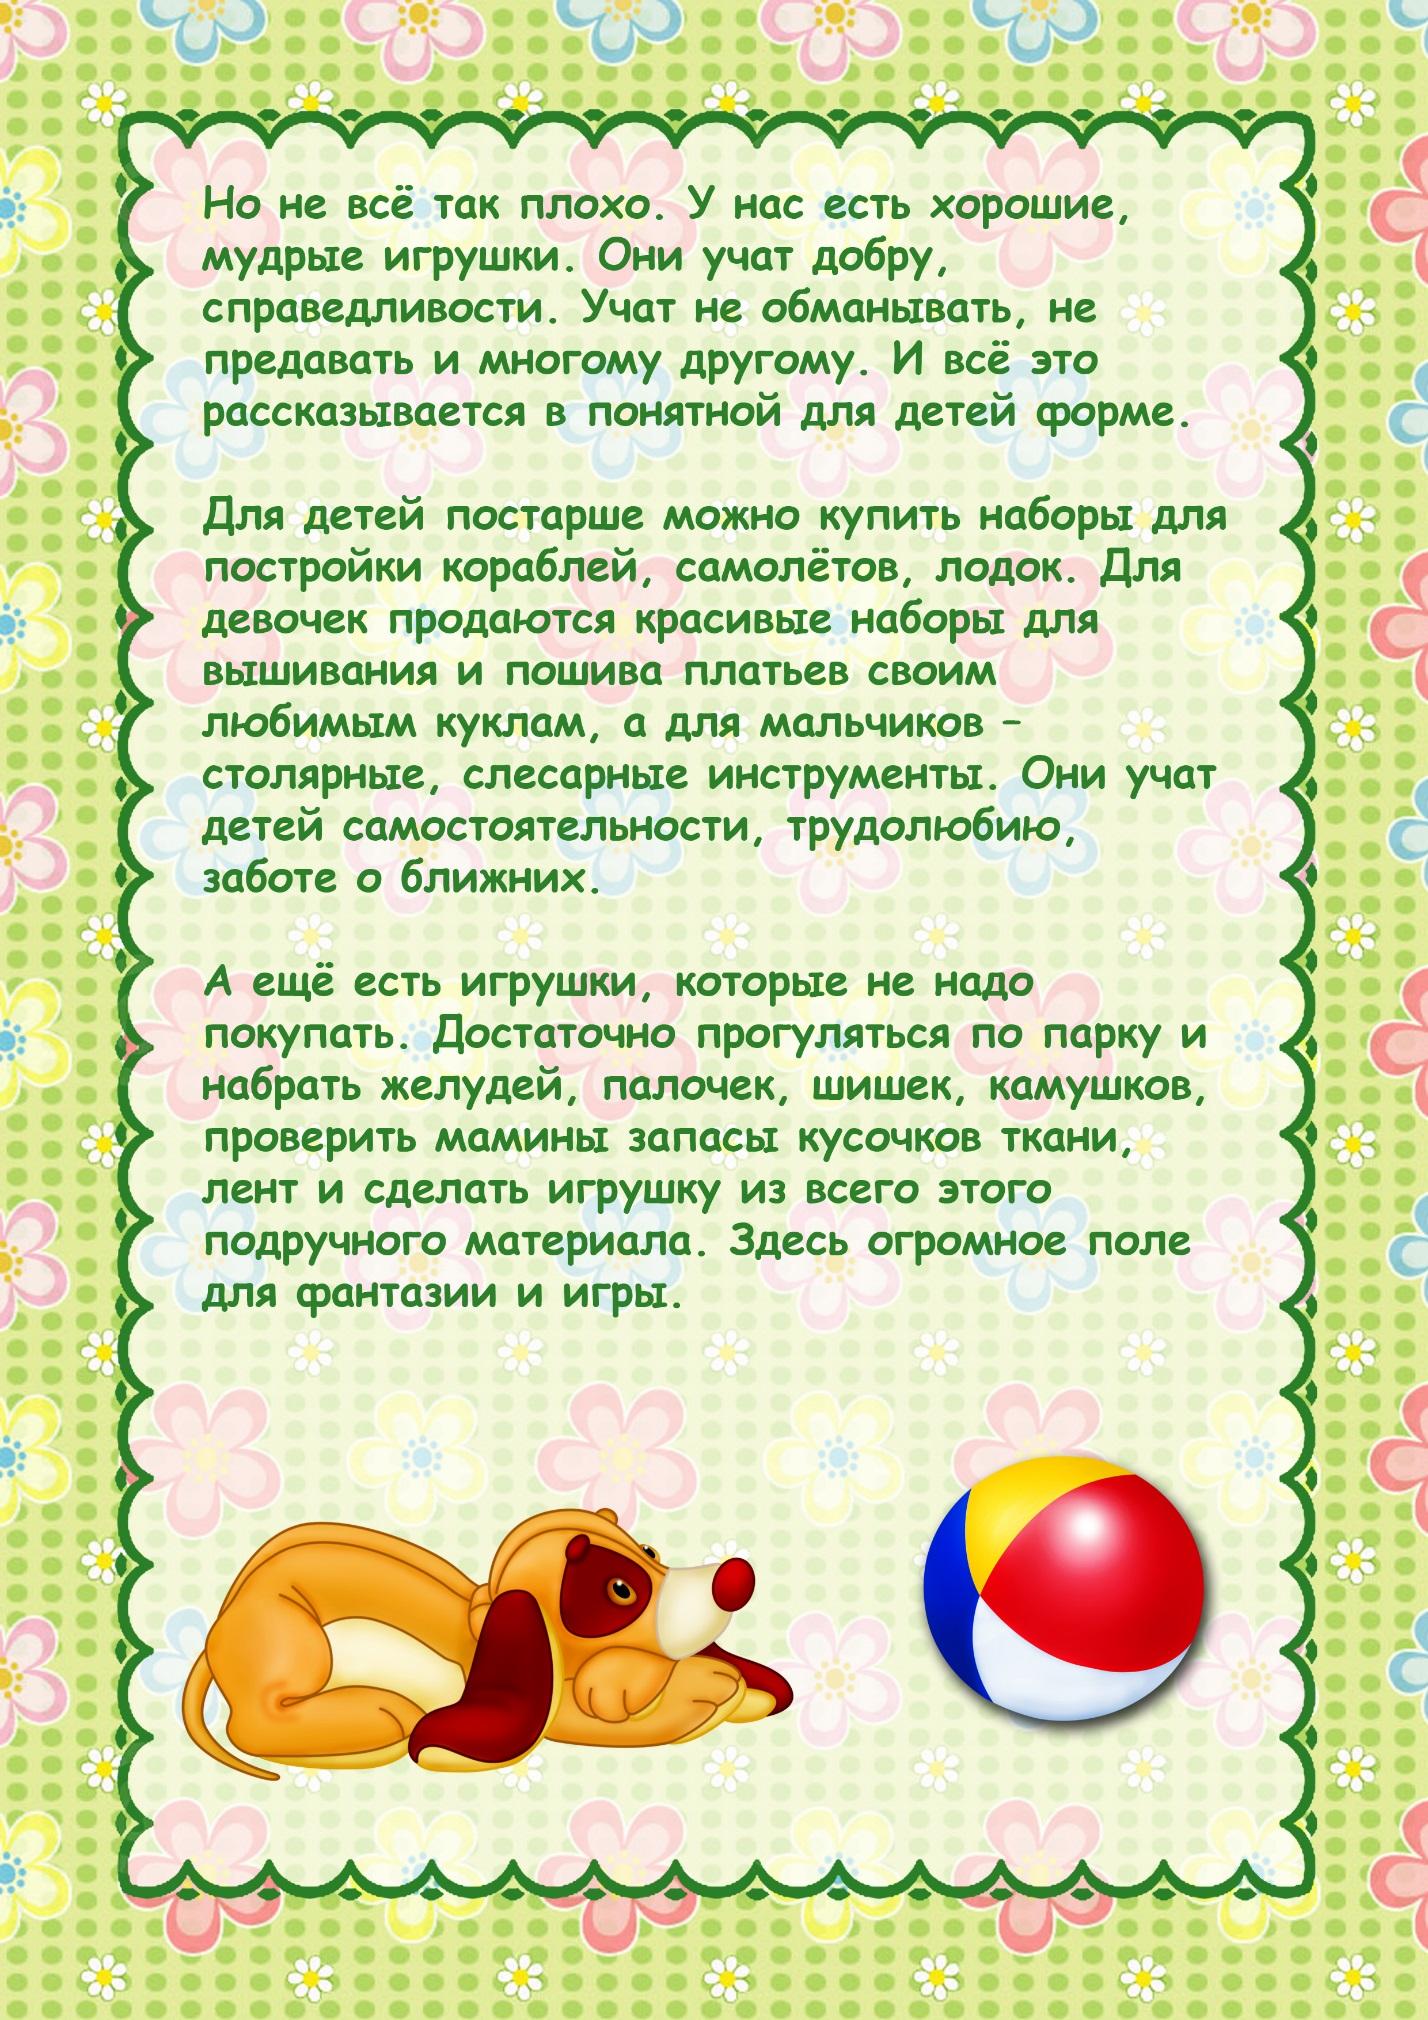 C:\Users\Triline\Desktop\психолог\22школа\Igrushka\Игрушка 1-5.jpg